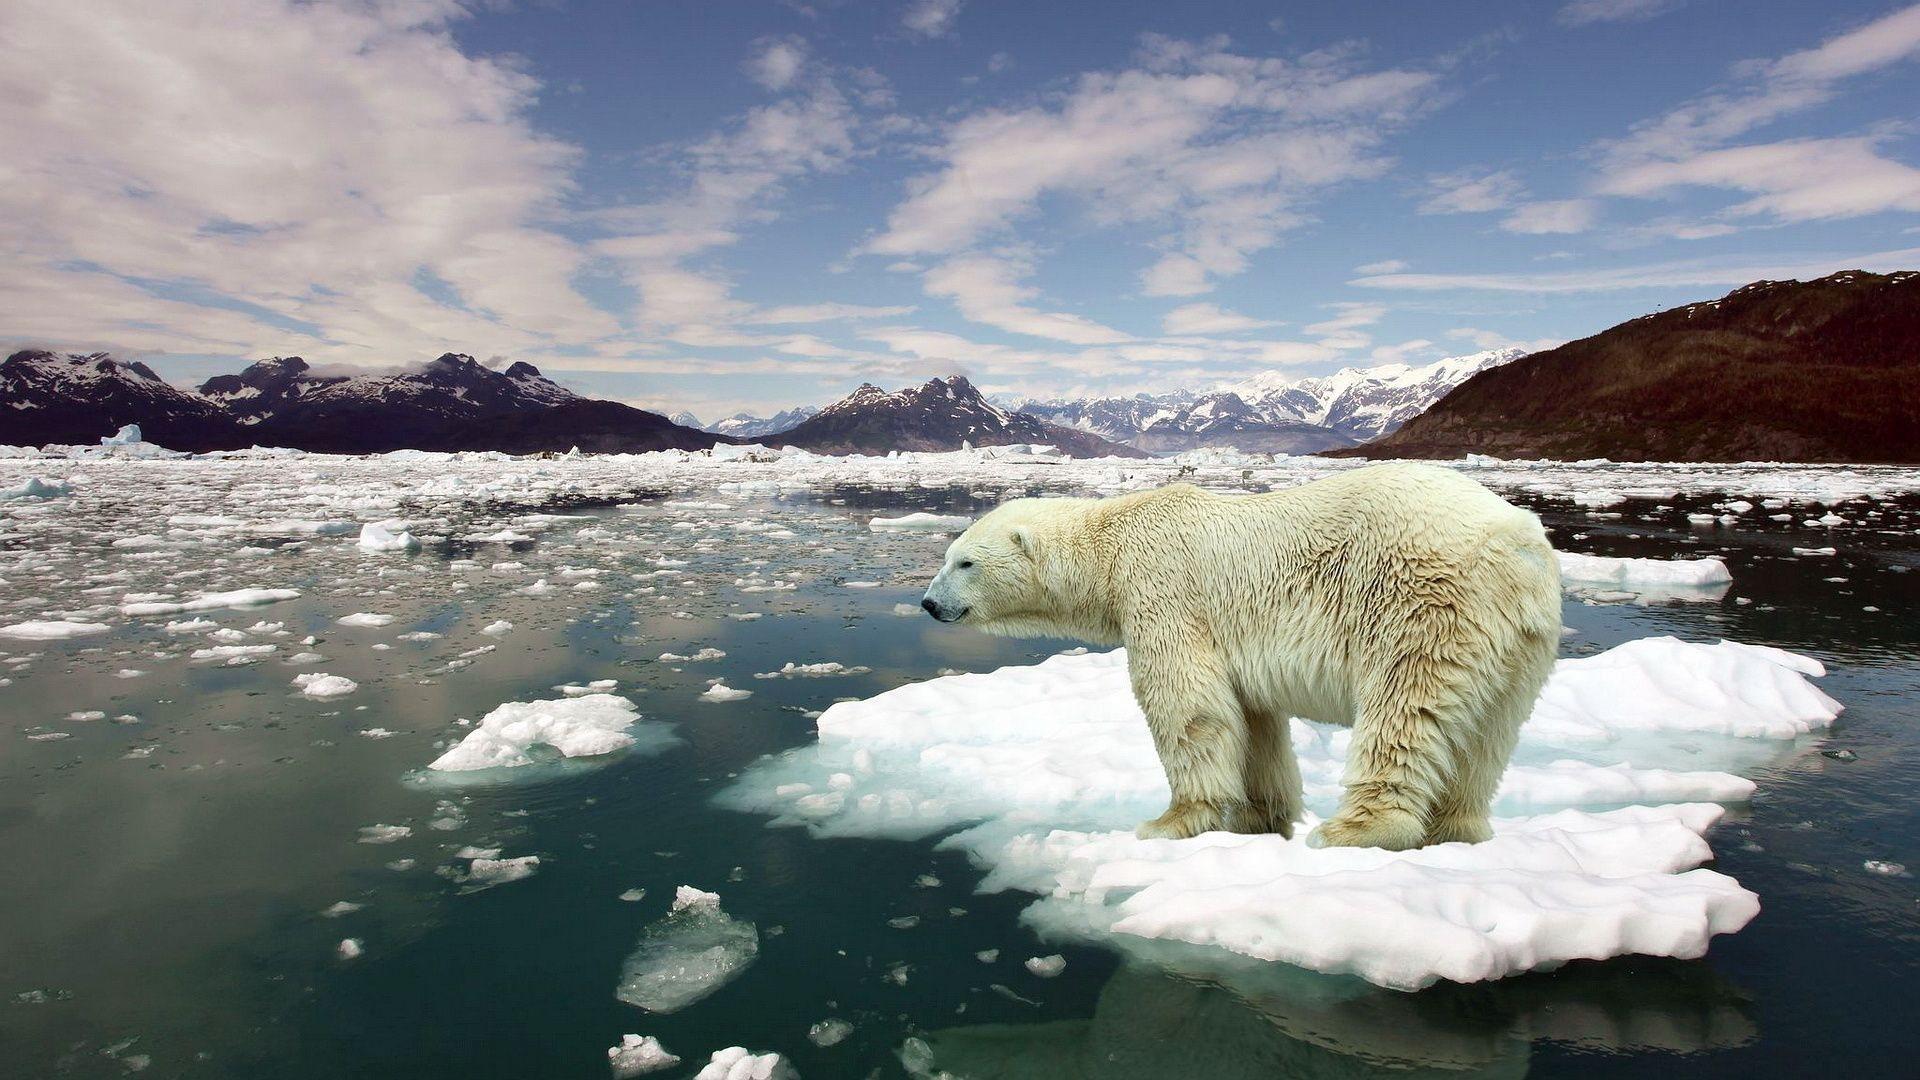 Azonnal lépni kell a klímaváltozás megállítása érdekében